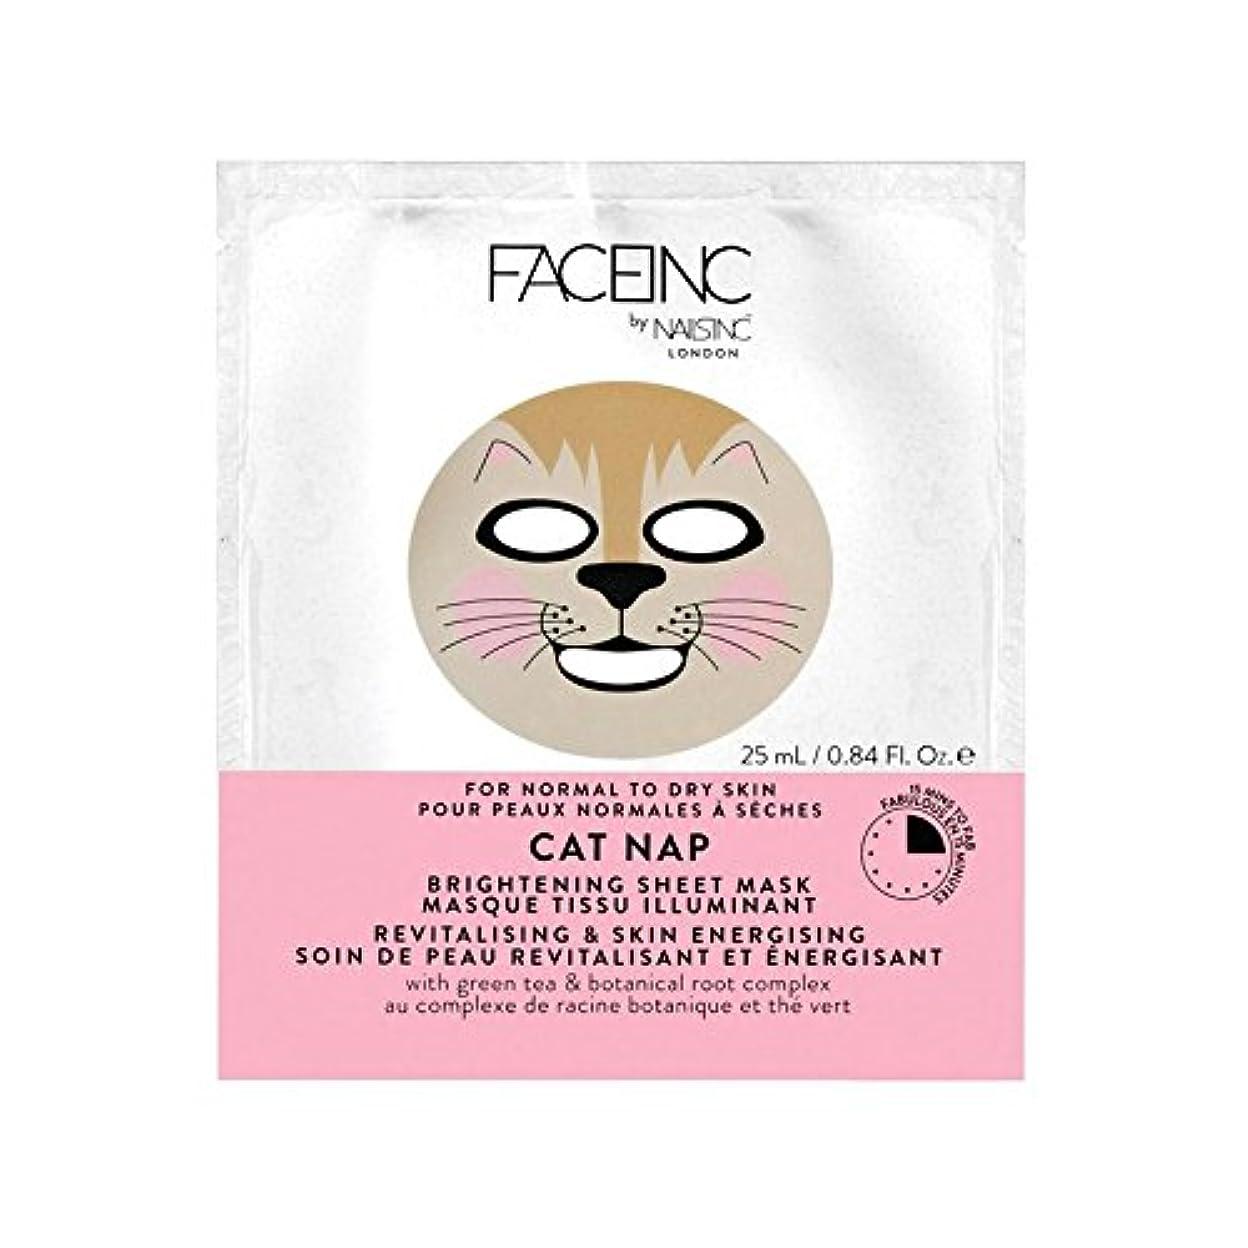 落花生必要とする専ら爪が株式会社顔猫の昼寝用マスク x4 - Nails Inc. Face Inc Cat Nap Mask (Pack of 4) [並行輸入品]